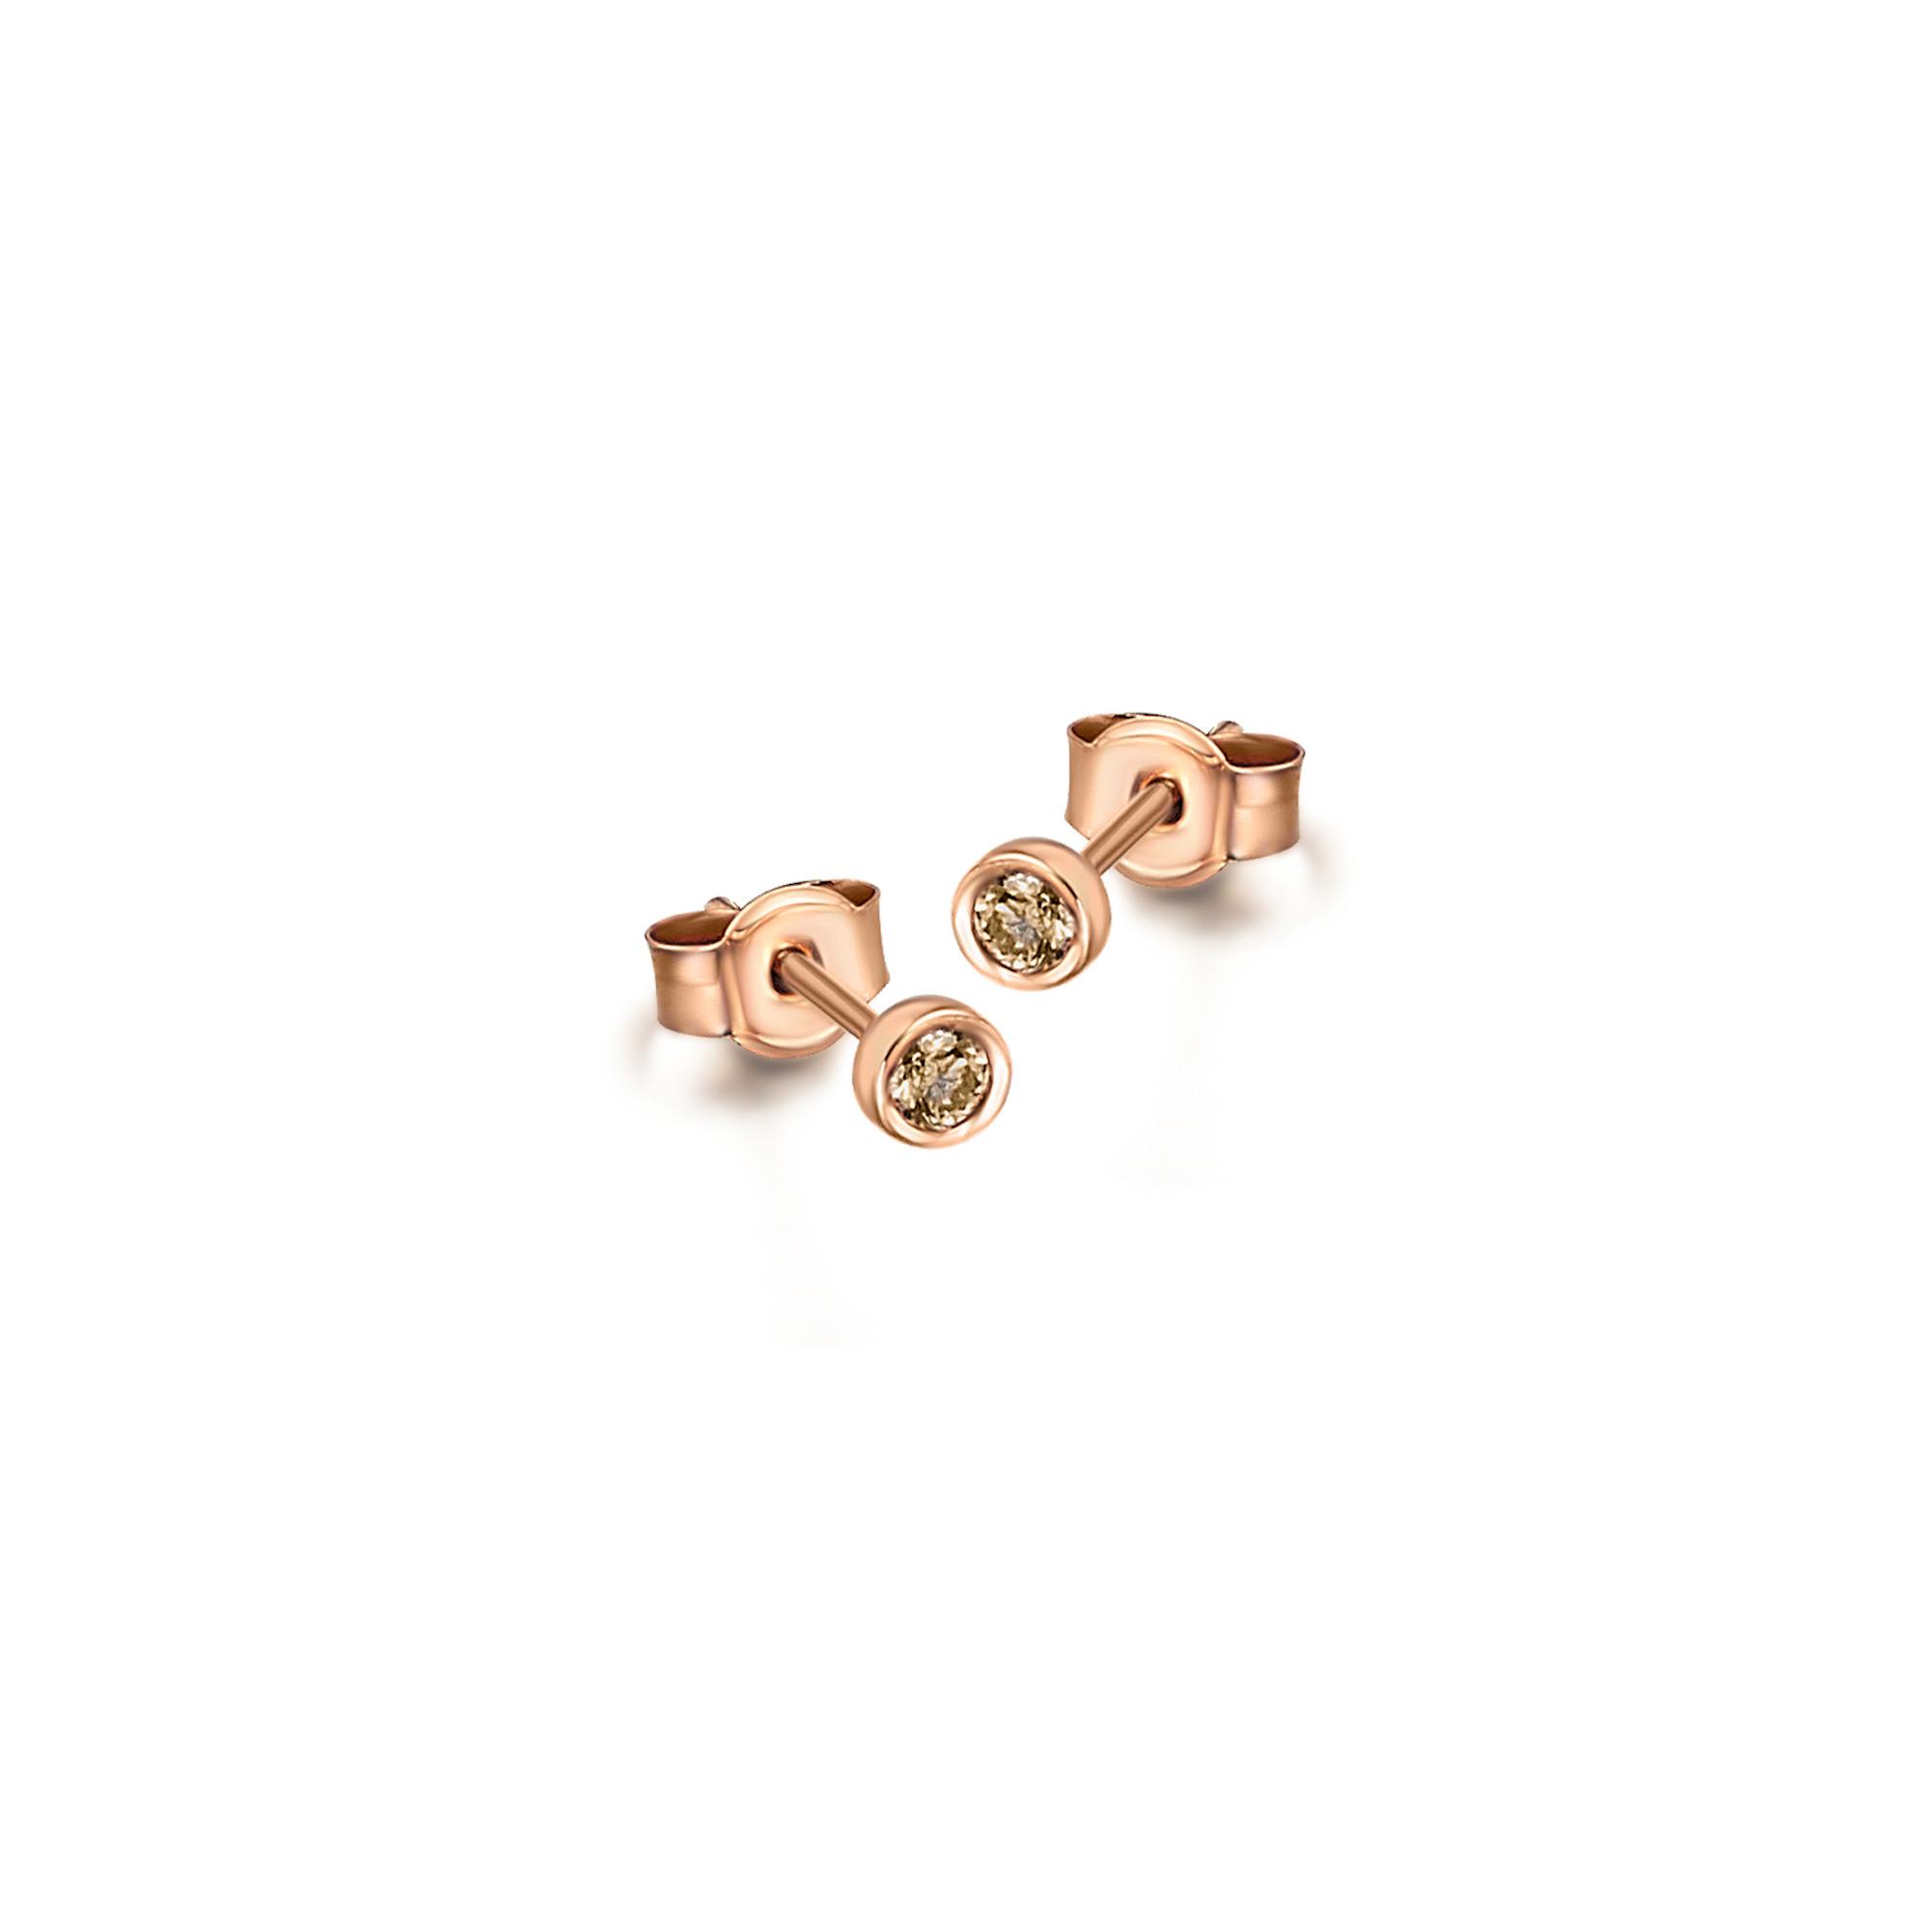 GB020ORBR orecchini oro rosa diamanti brown diamonds earrings sconto discount